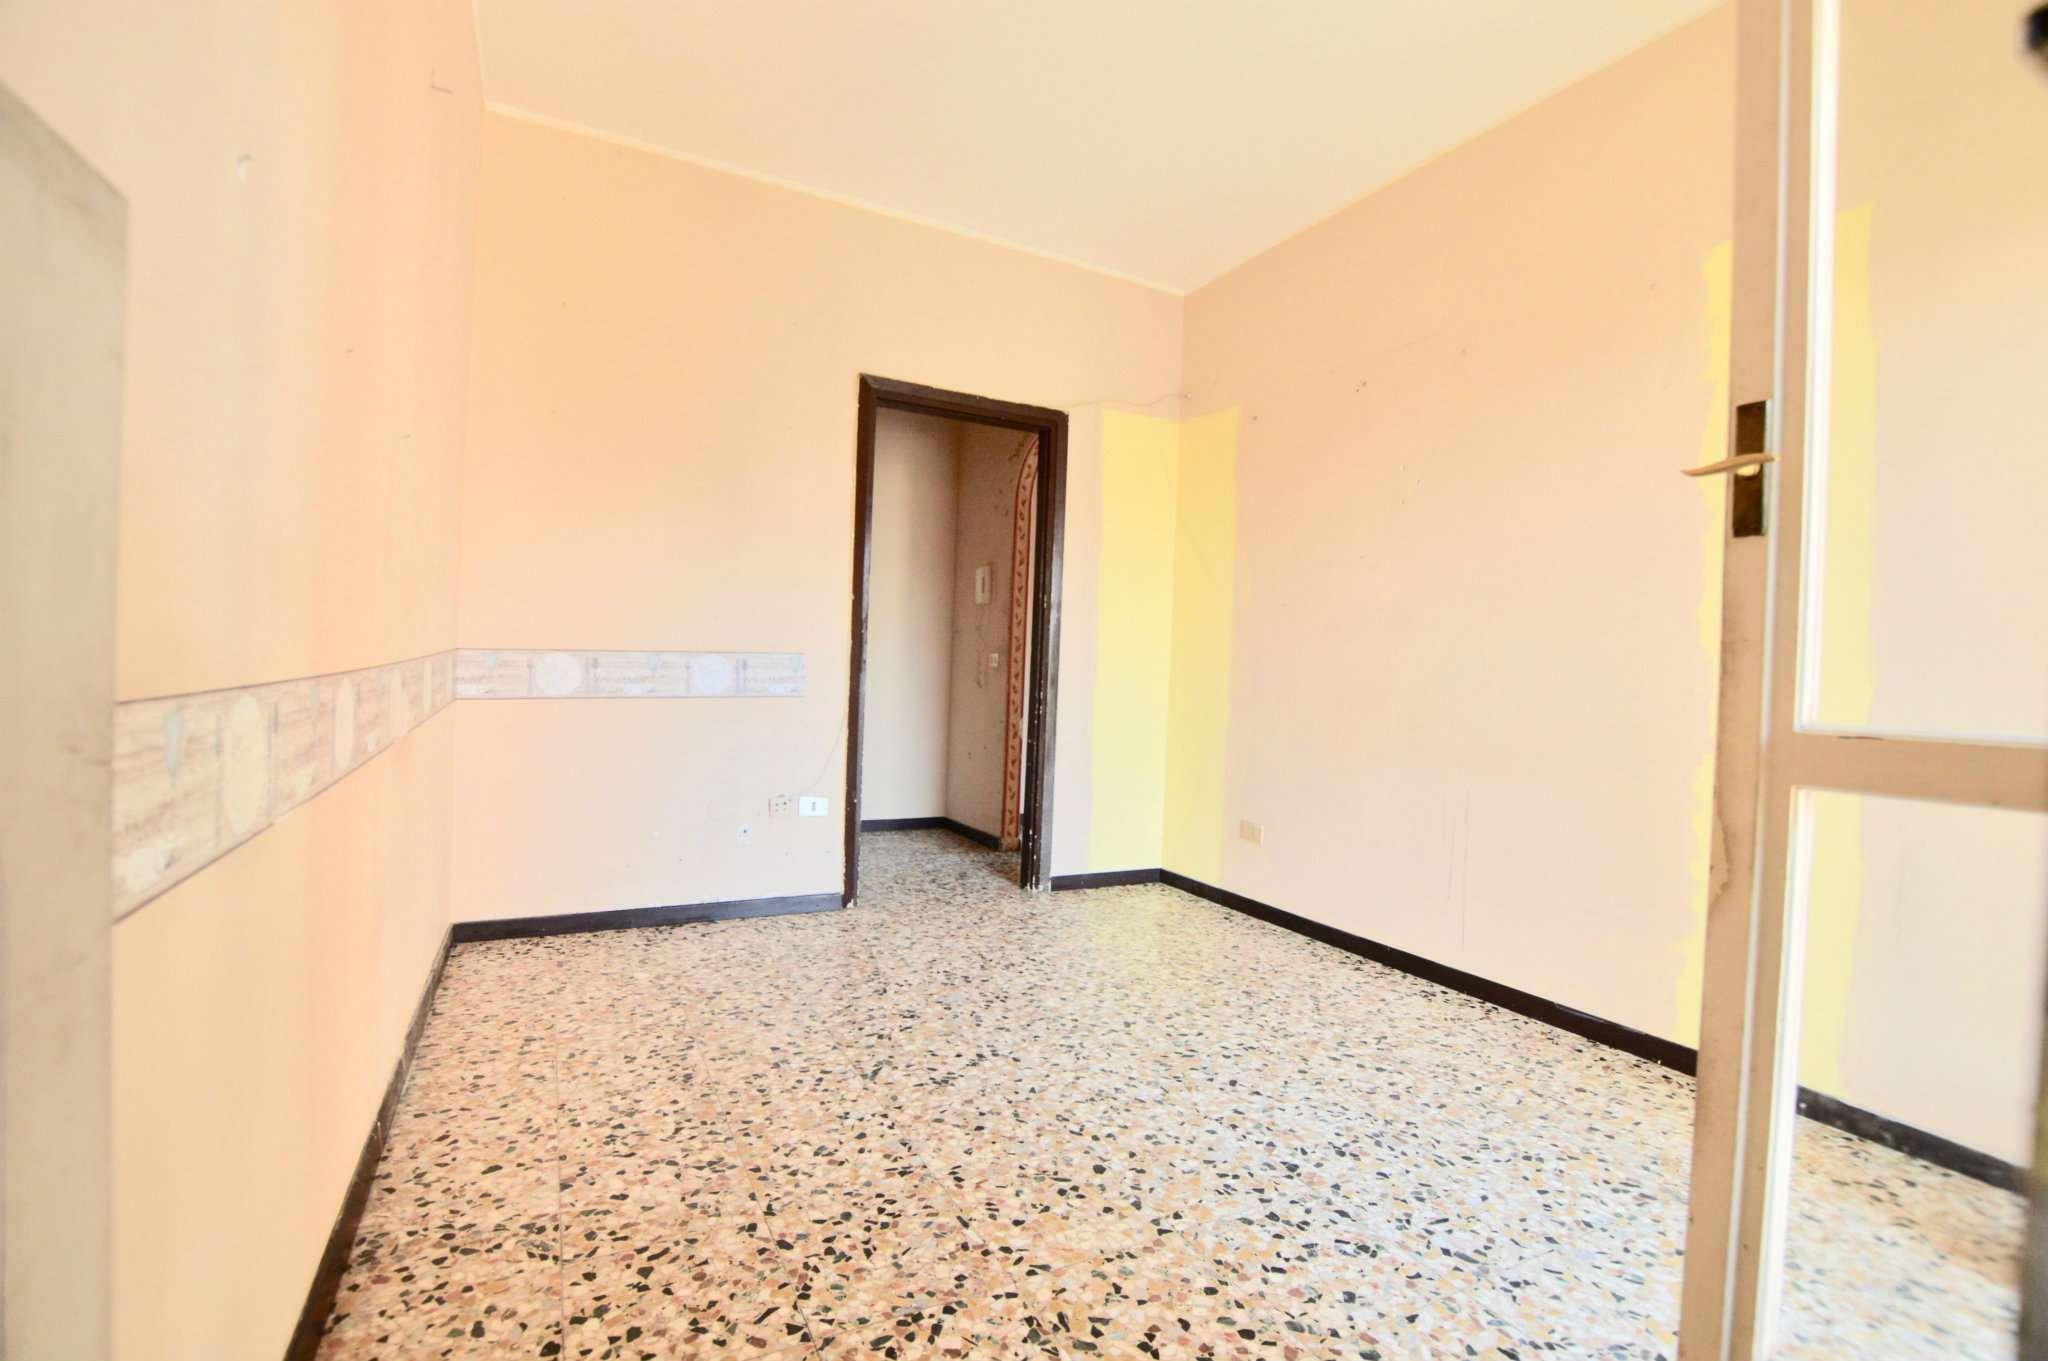 Appartamento in Vendita a Milano 18 Ippodromo / San Siro / Zavattari: 2 locali, 45 mq